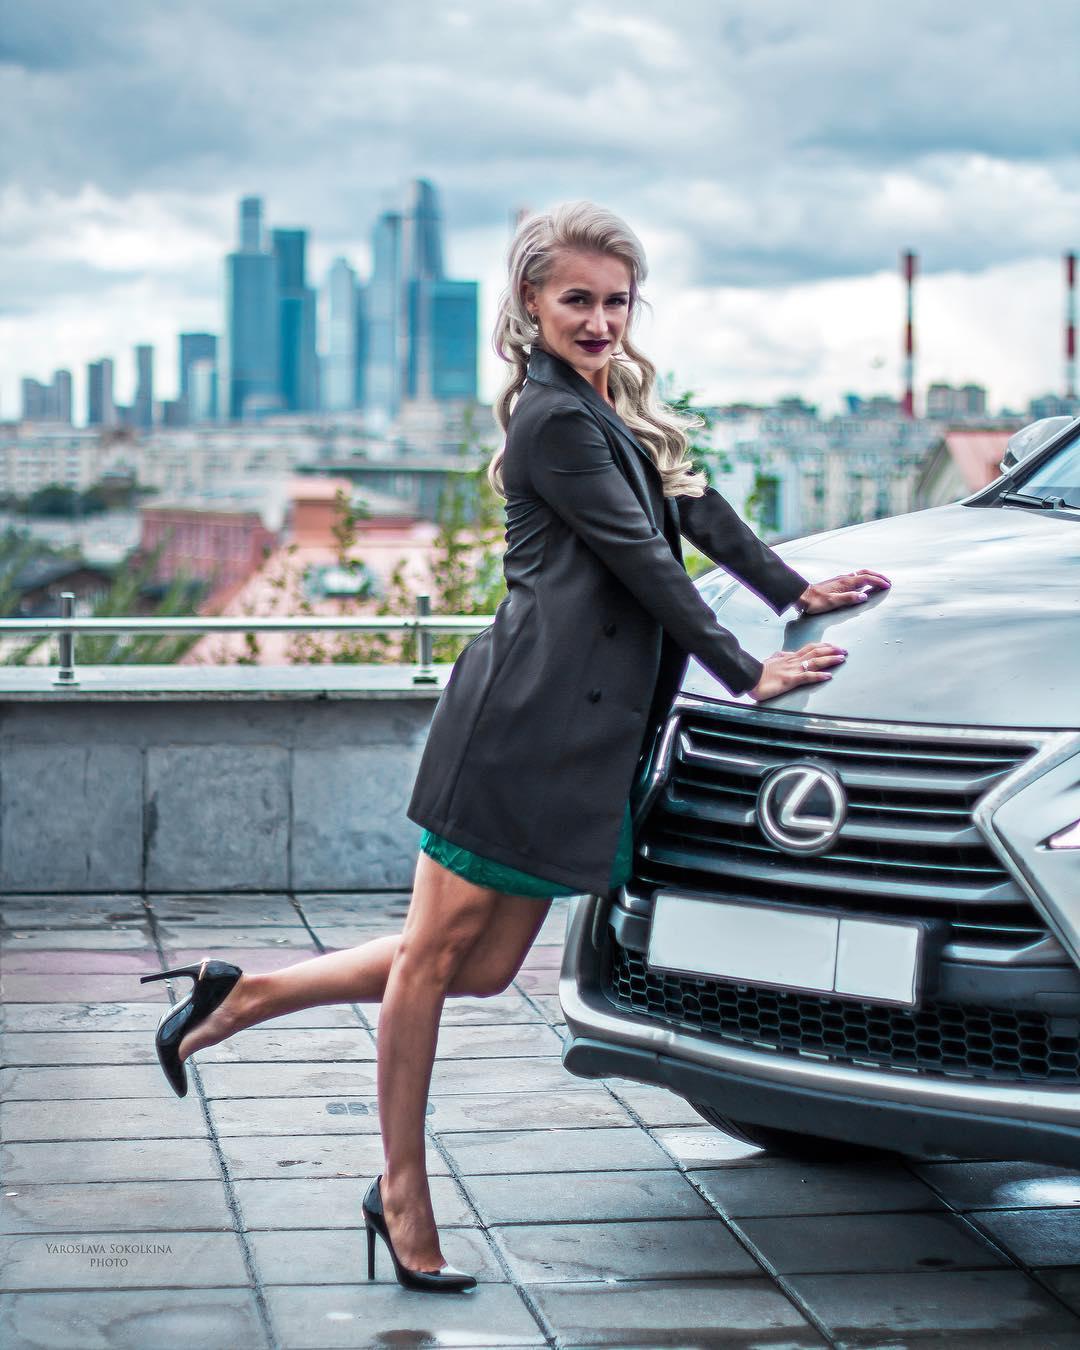 Татьяна Волосожар - Максим Траньков-4 - Страница 18 J22i81aevFU